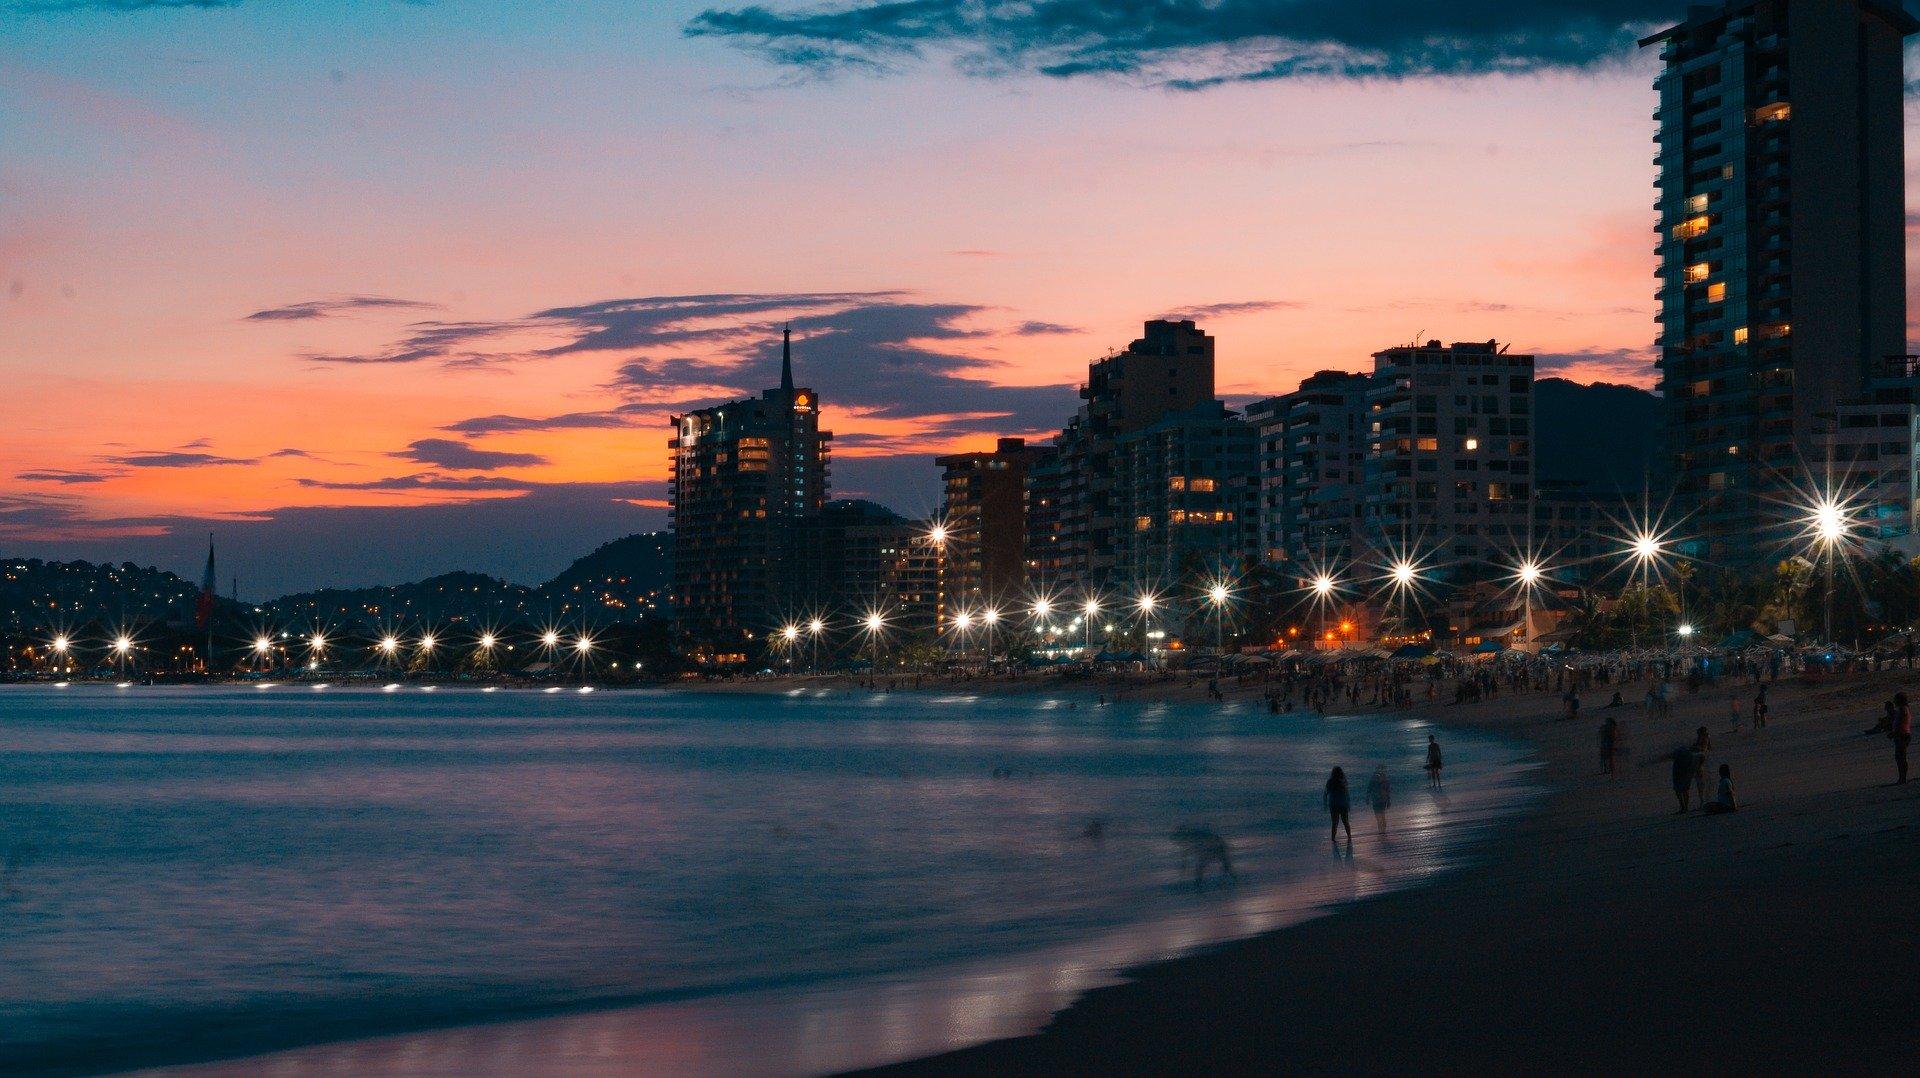 acapulco-3605307_1920